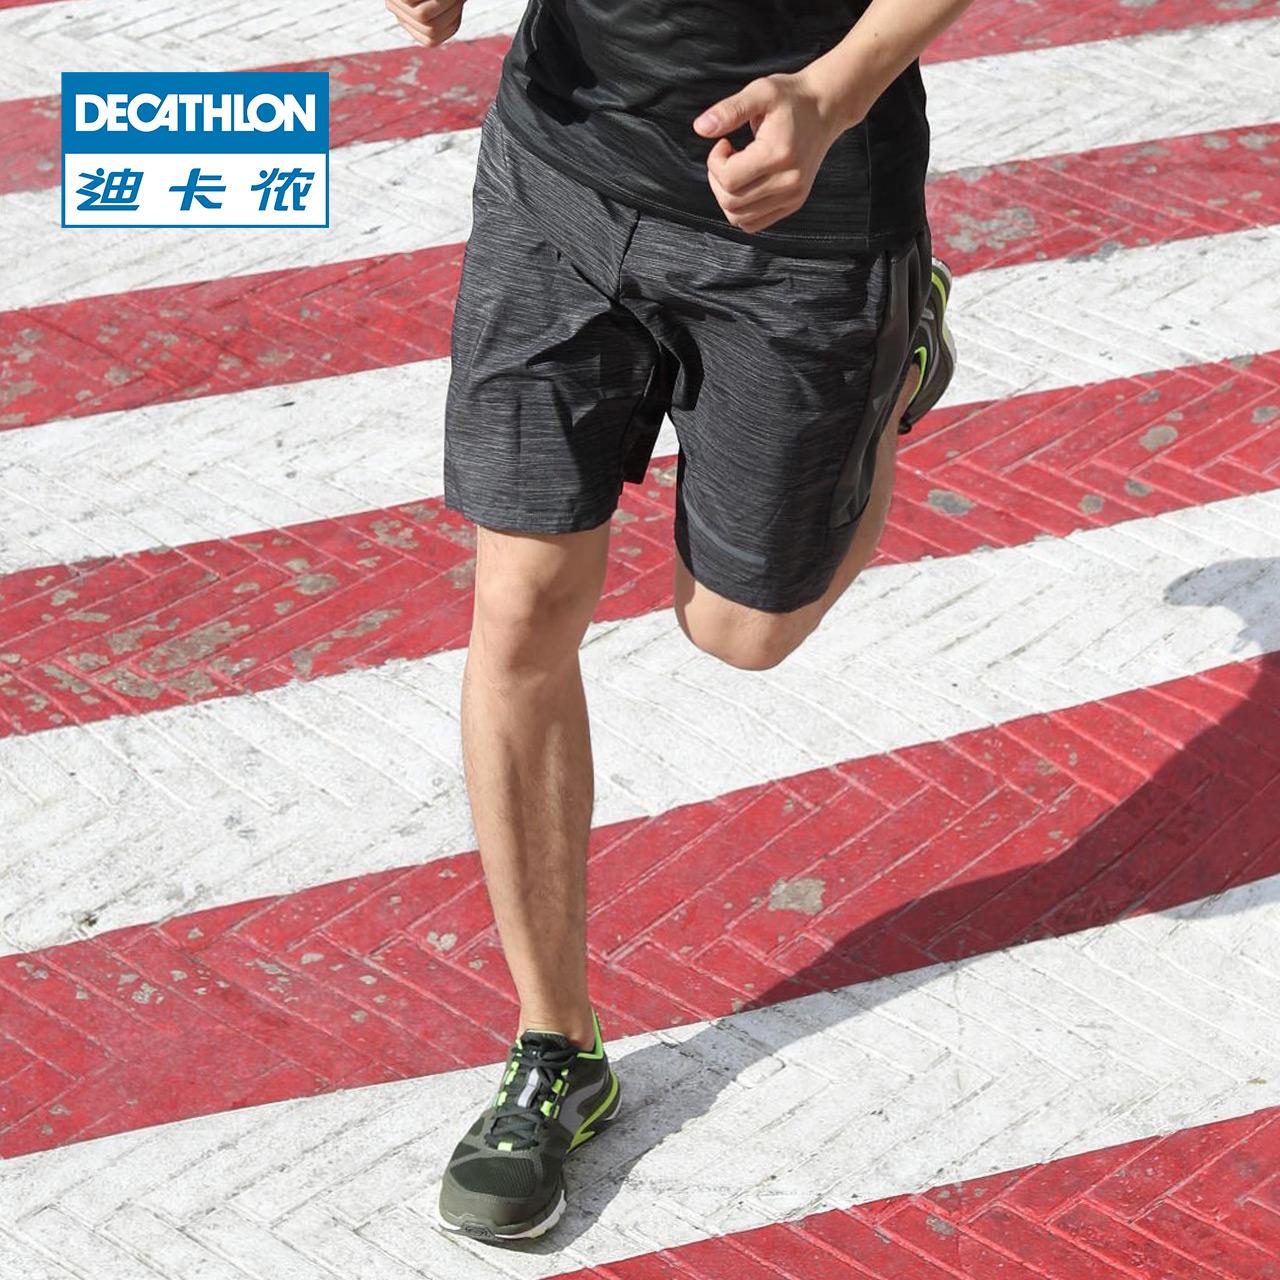 迪卡侬运动短裤男宽松健身训练篮球裤男短裤透气速干跑步短裤MSGS